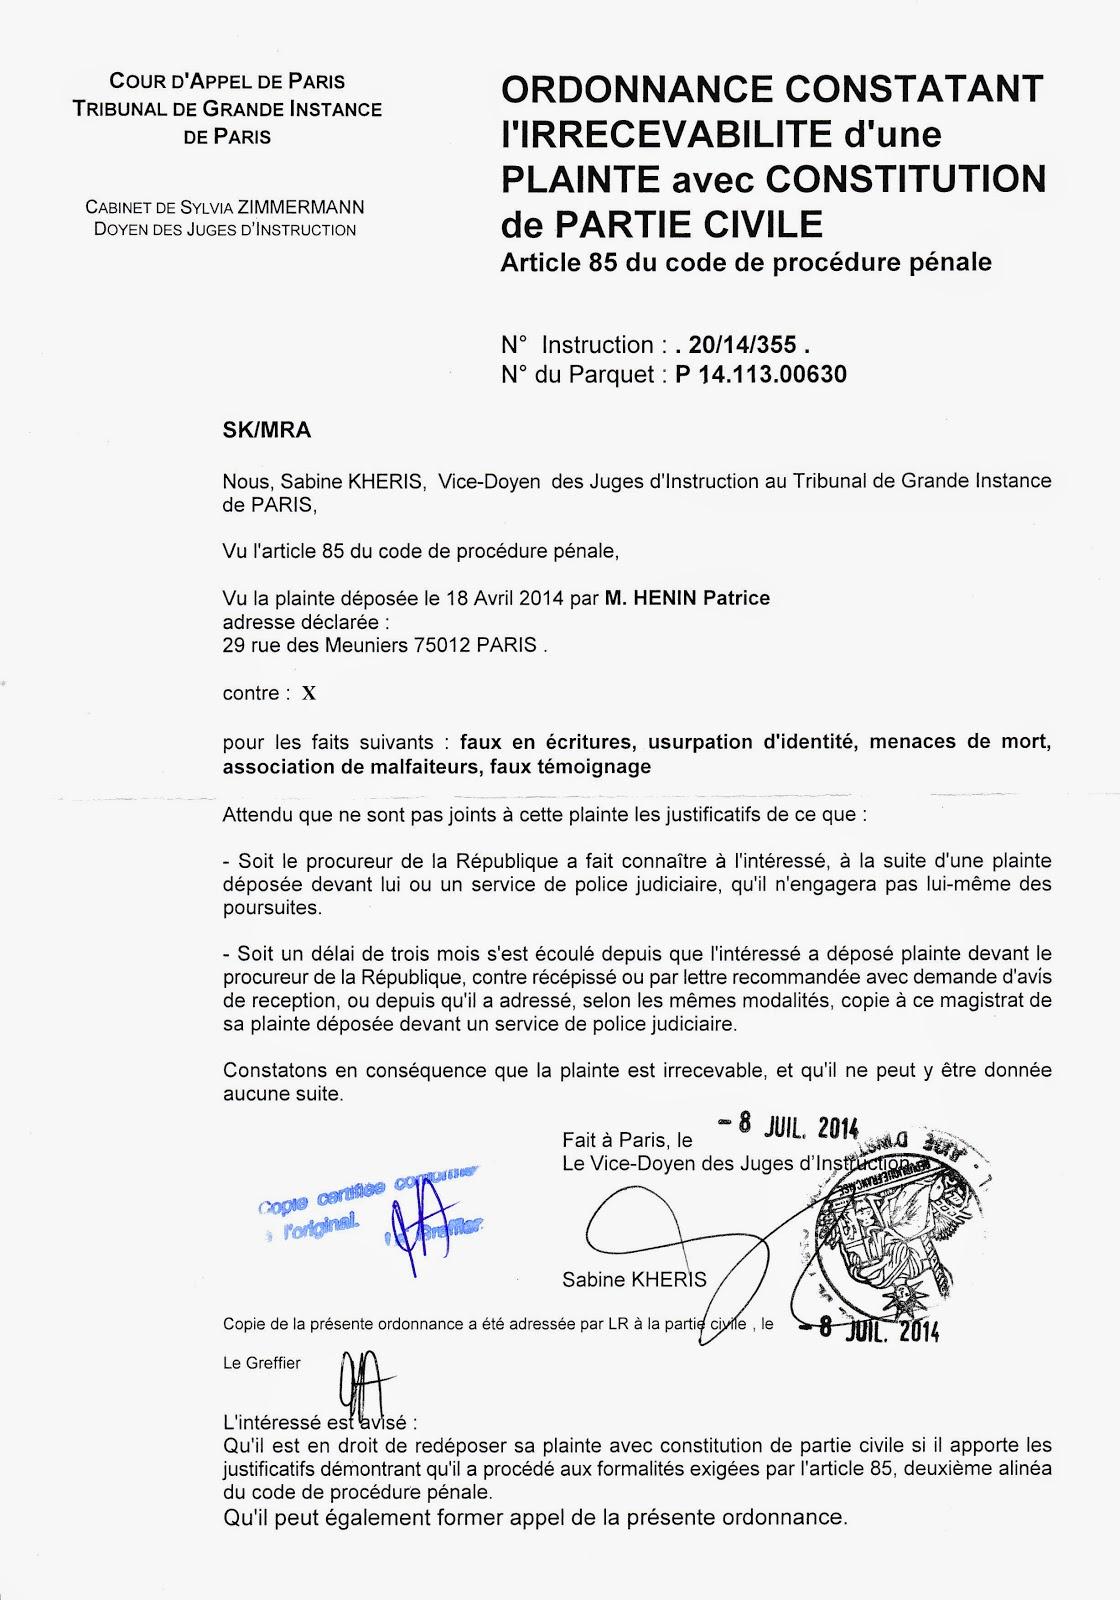 P h nix blogue qui rena t toujours de ses censures 2014 - Porter plainte aupres du procureur de la republique ...